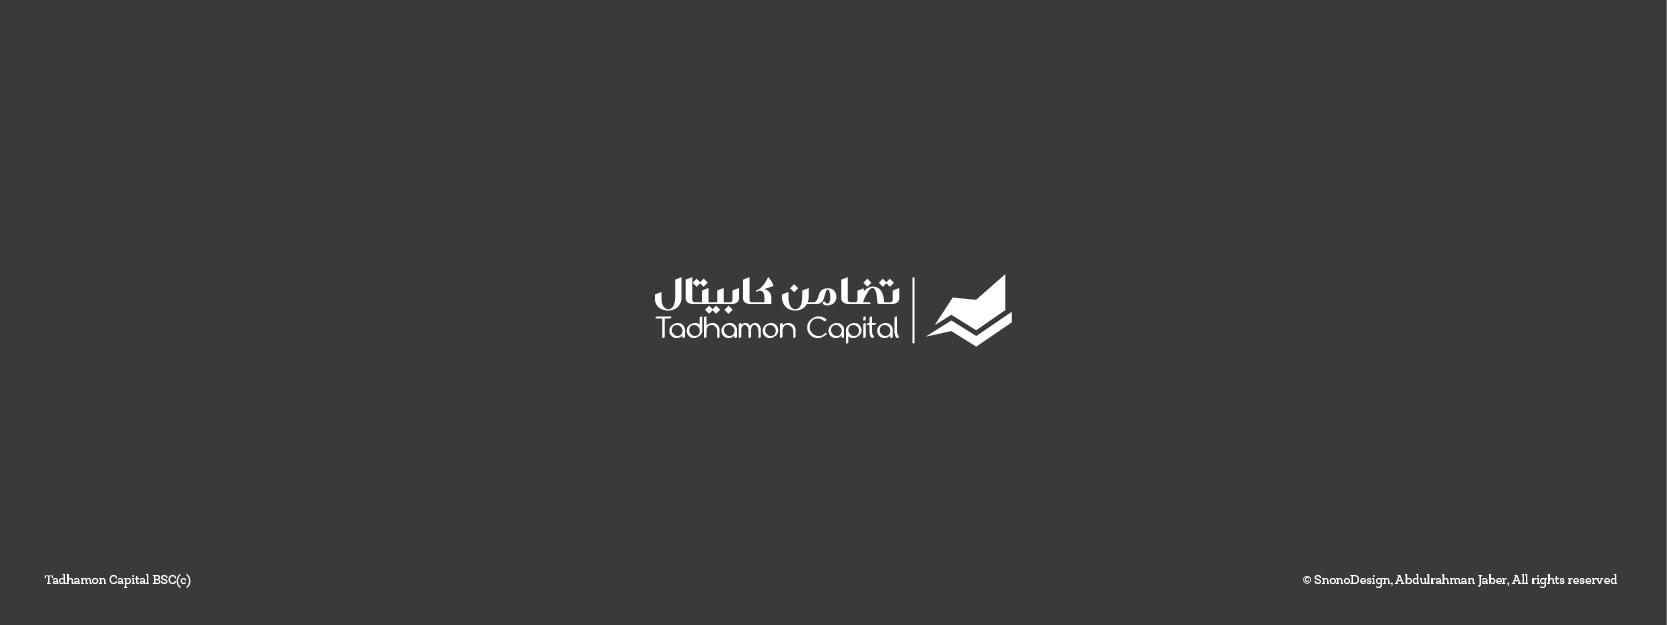 Logos 2002 - 2016 -2-08.png